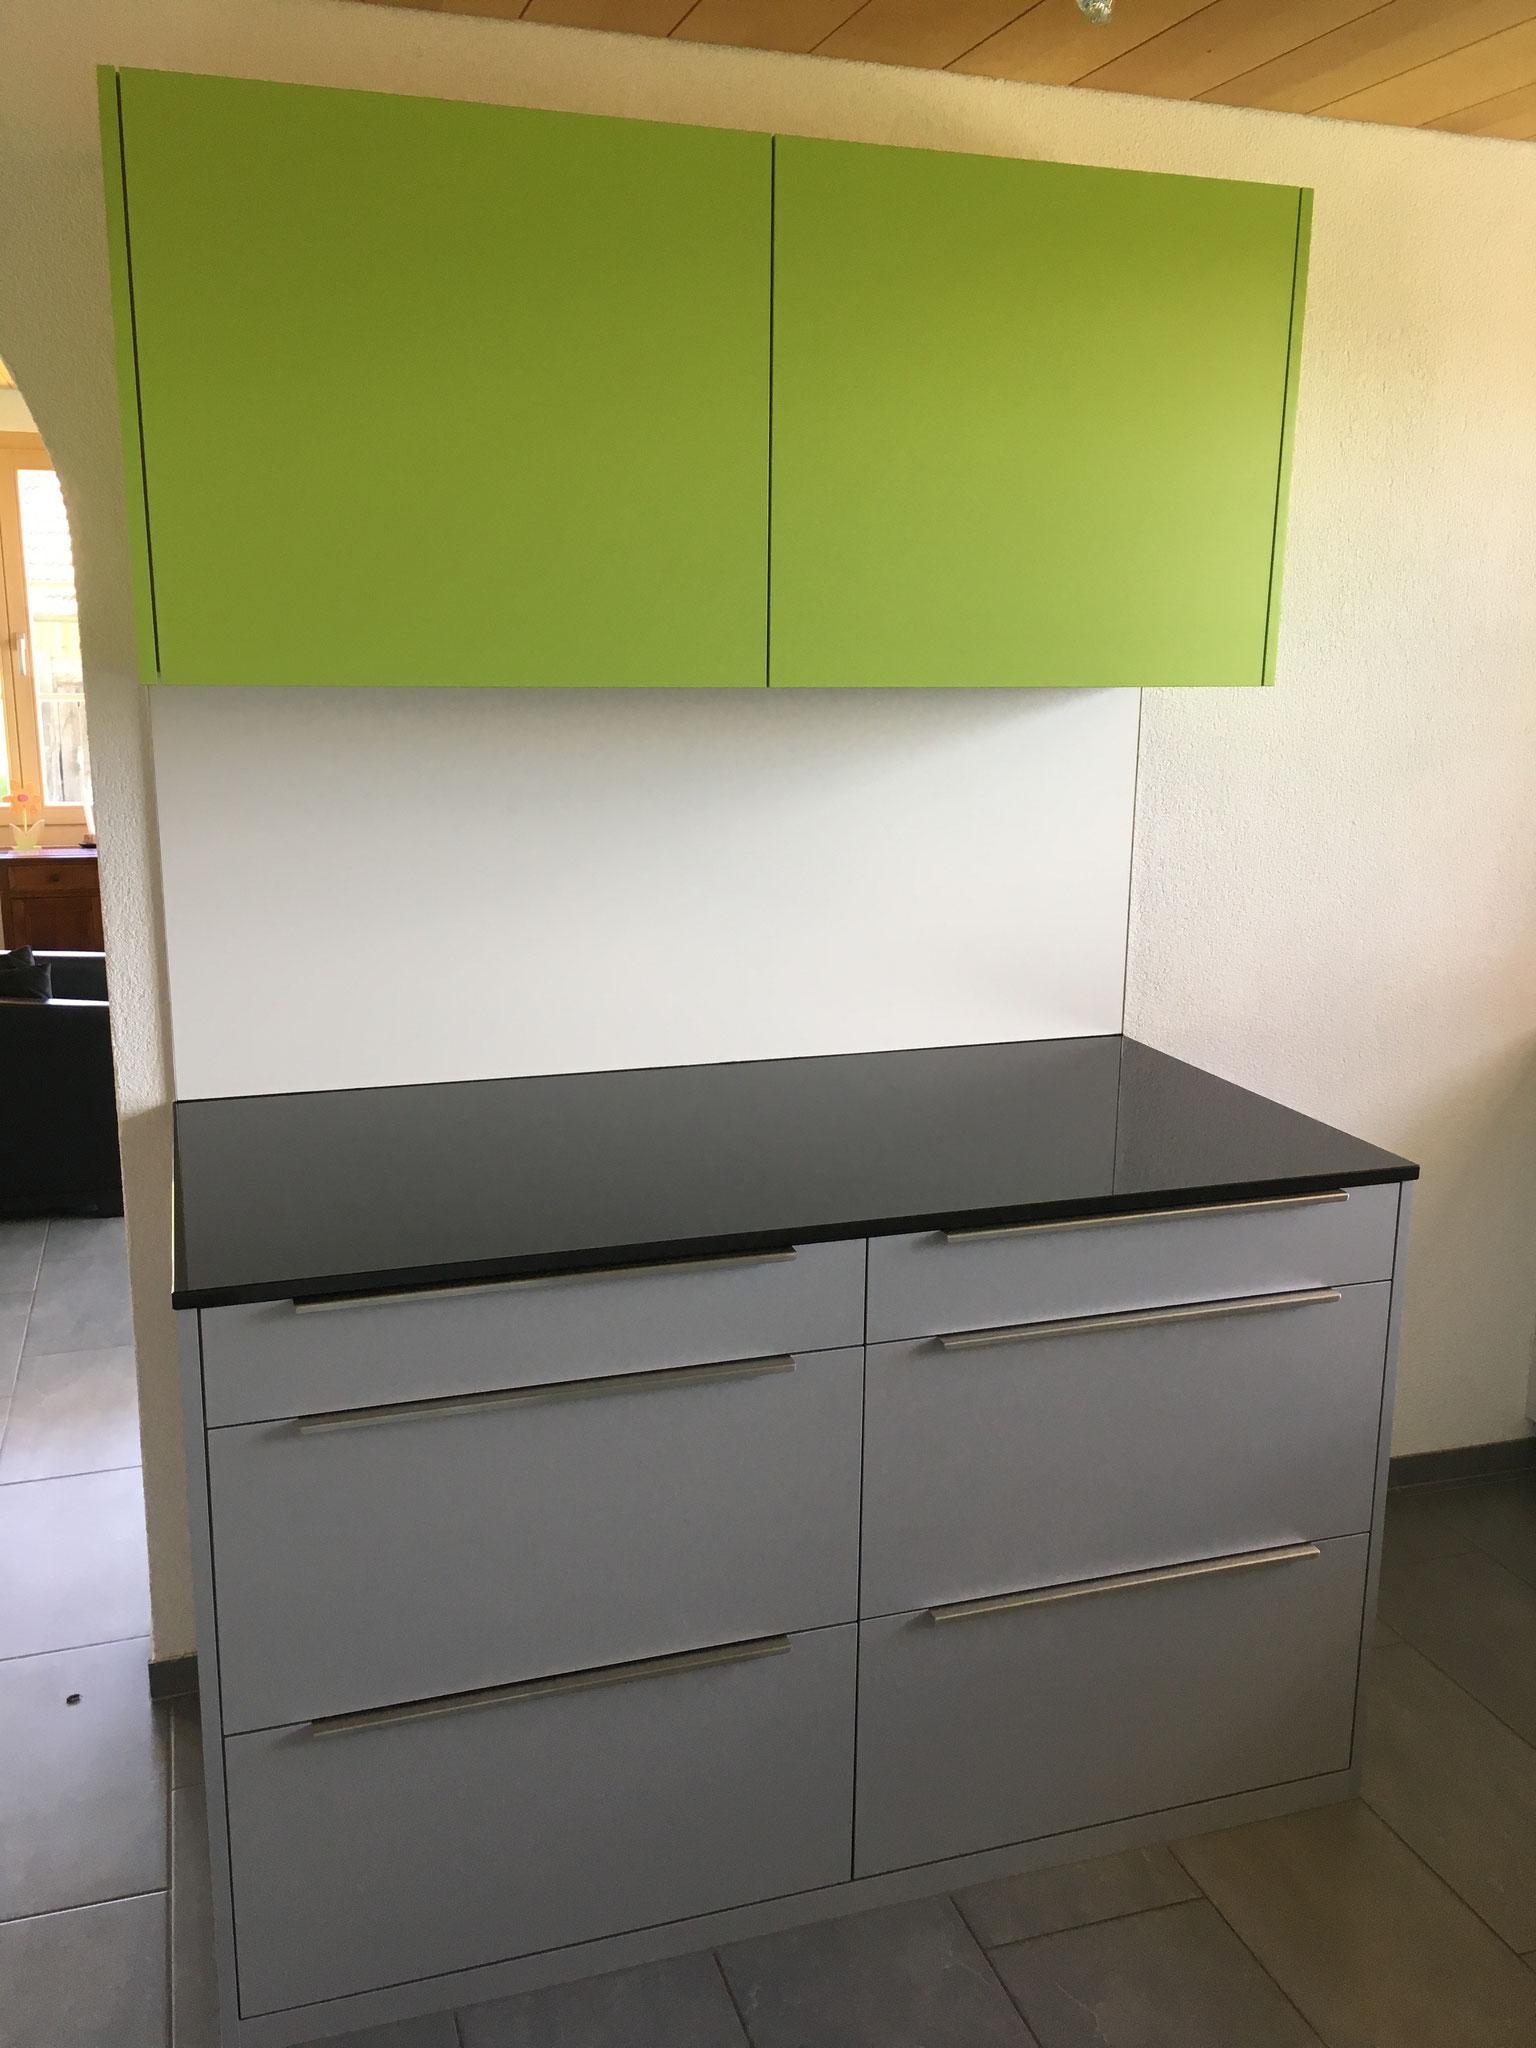 Erweiterung Küchenmöbel